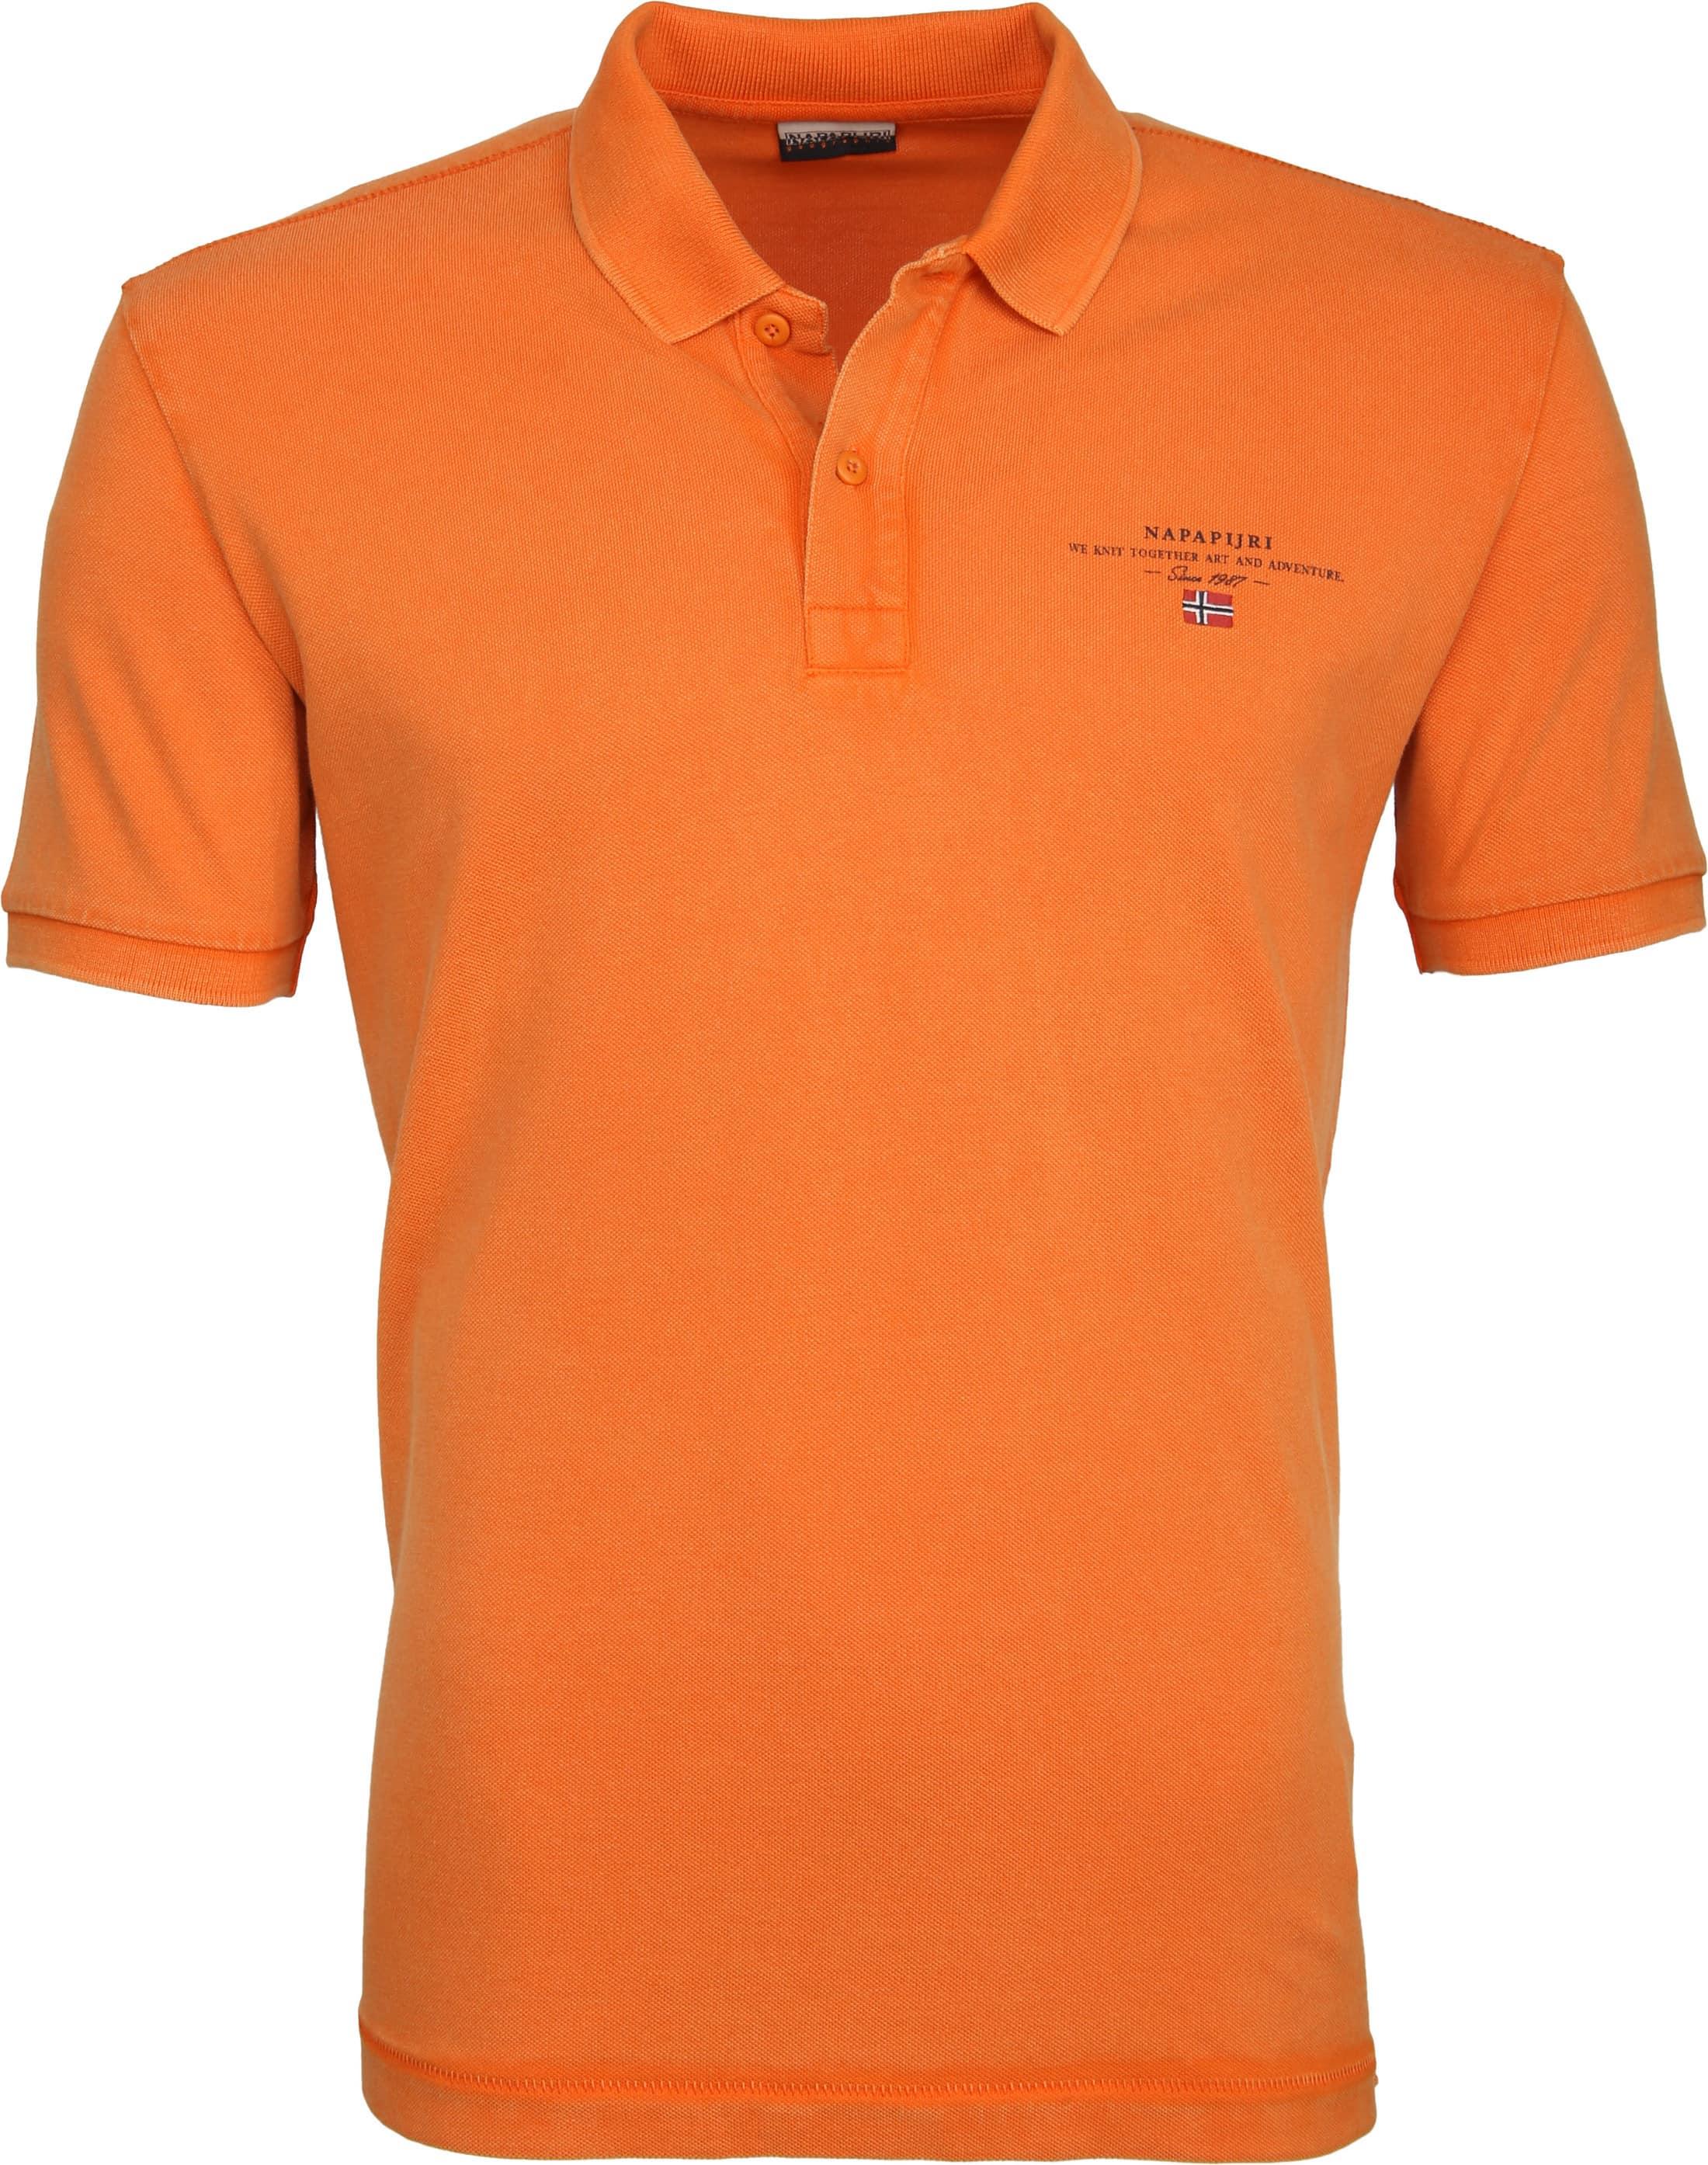 Napapijri Poloshirt Elbas 2 Orange foto 0